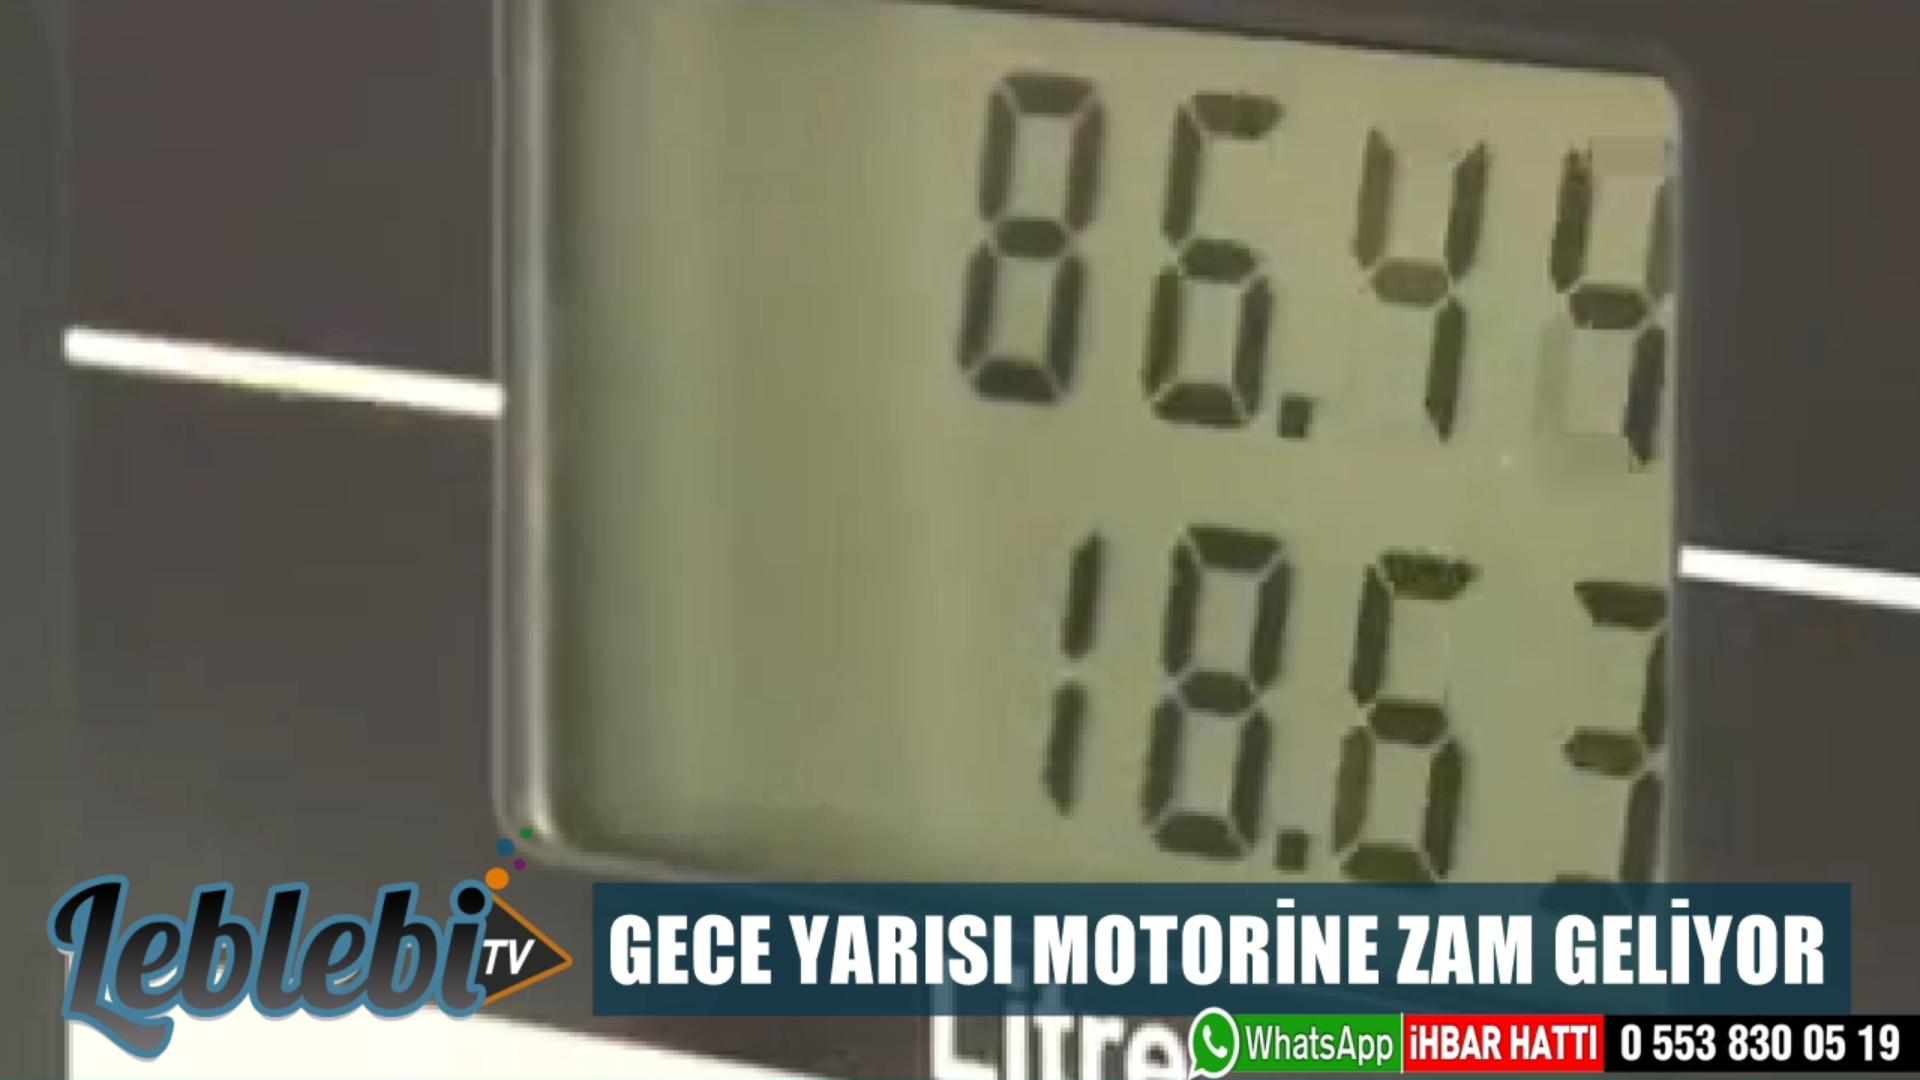 GECE YARISI MOTORİNE ZAM GELİYOR